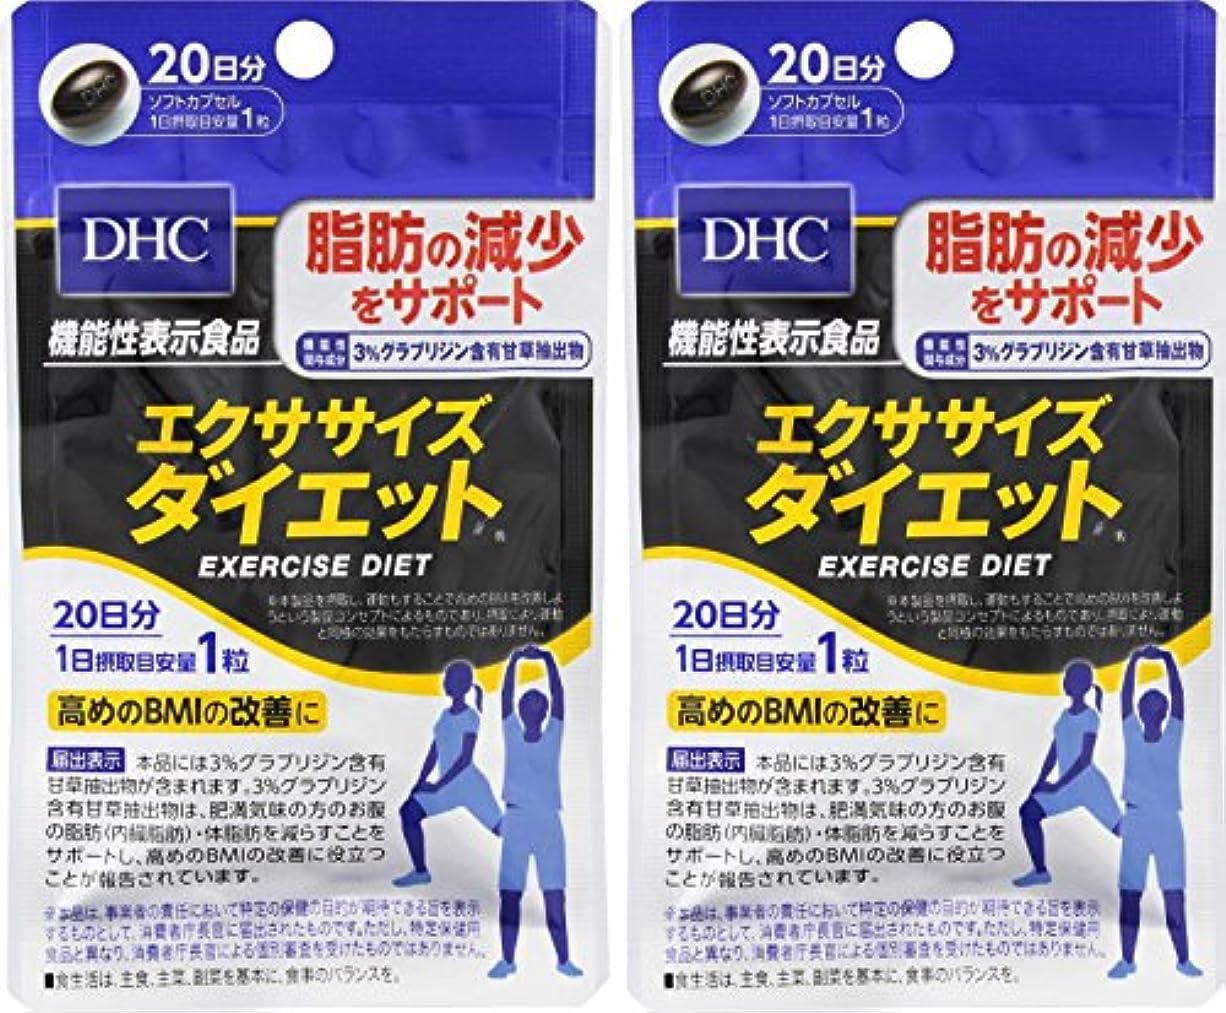 ハード拒否頻繁に【セット品】DHC 20日エクササイズダイエット 2個セット[機能性表示食品]